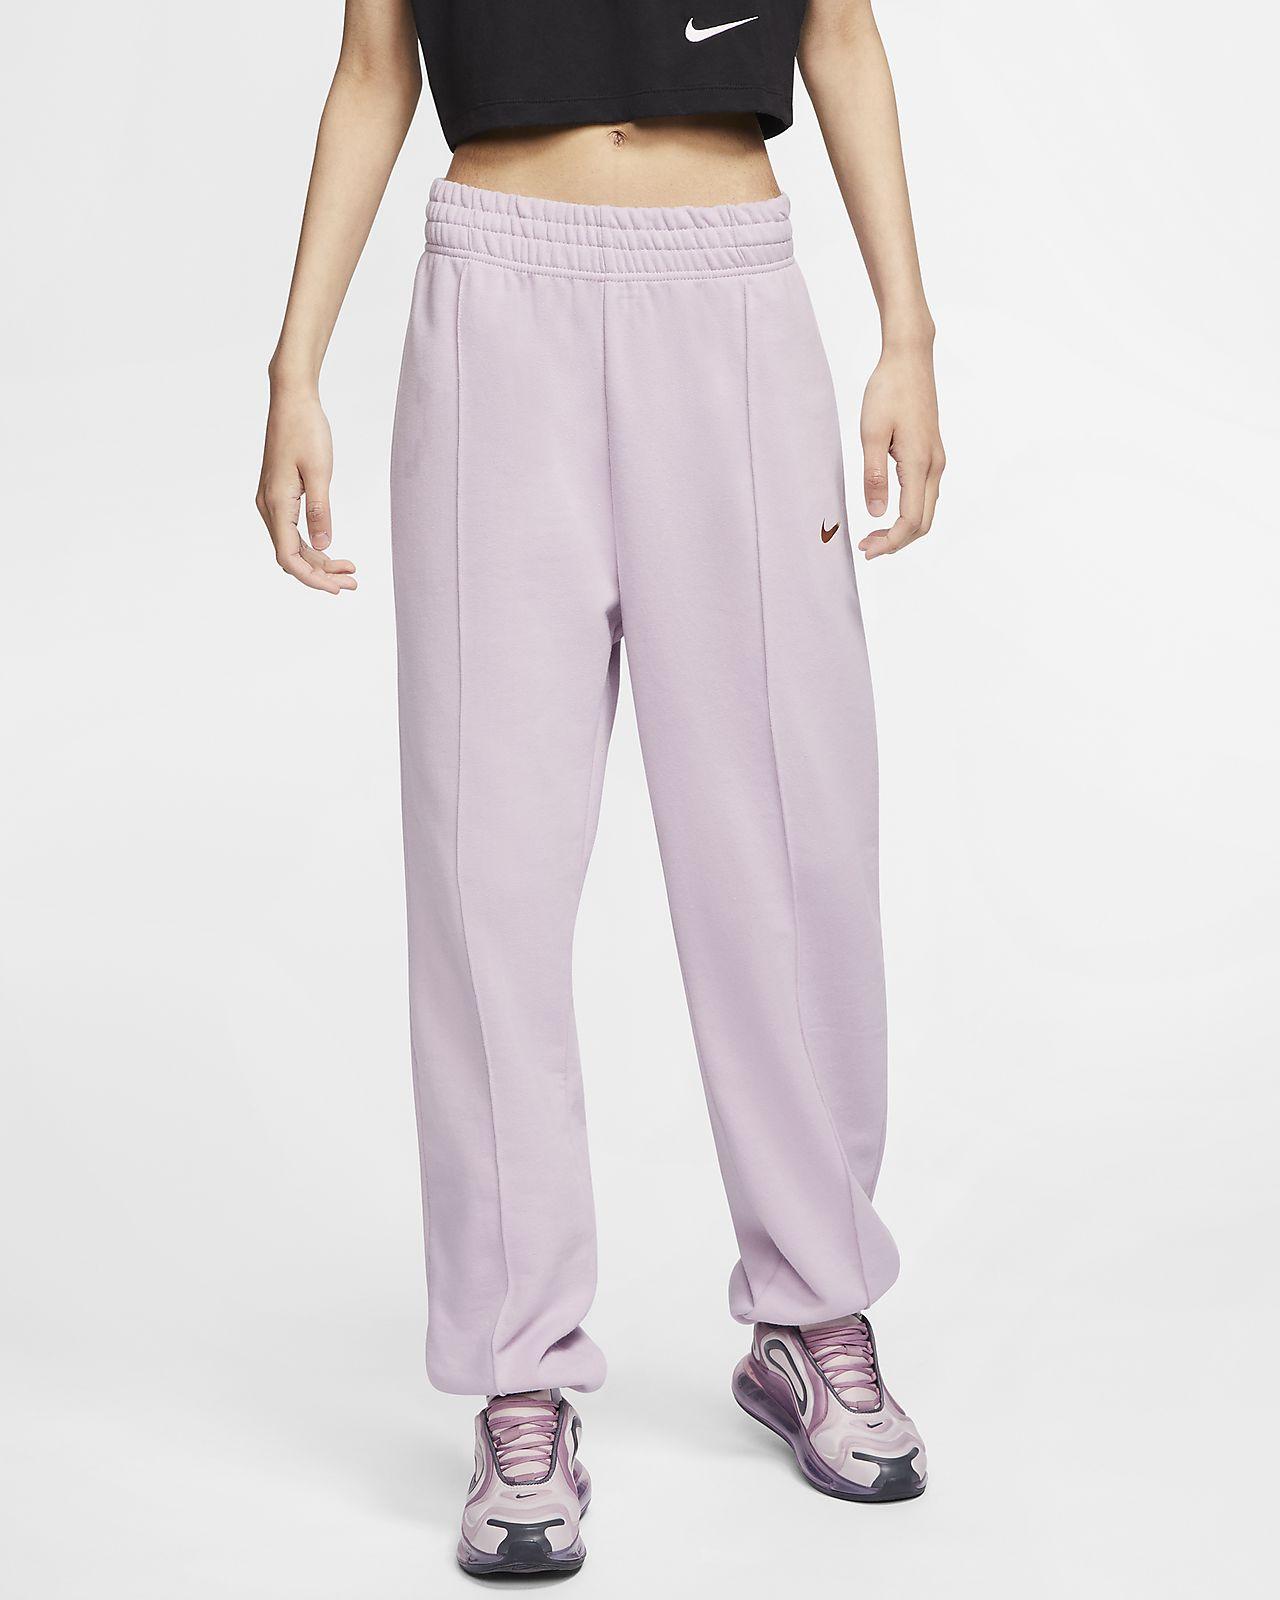 Byxor Nike Sportswear för kvinnor